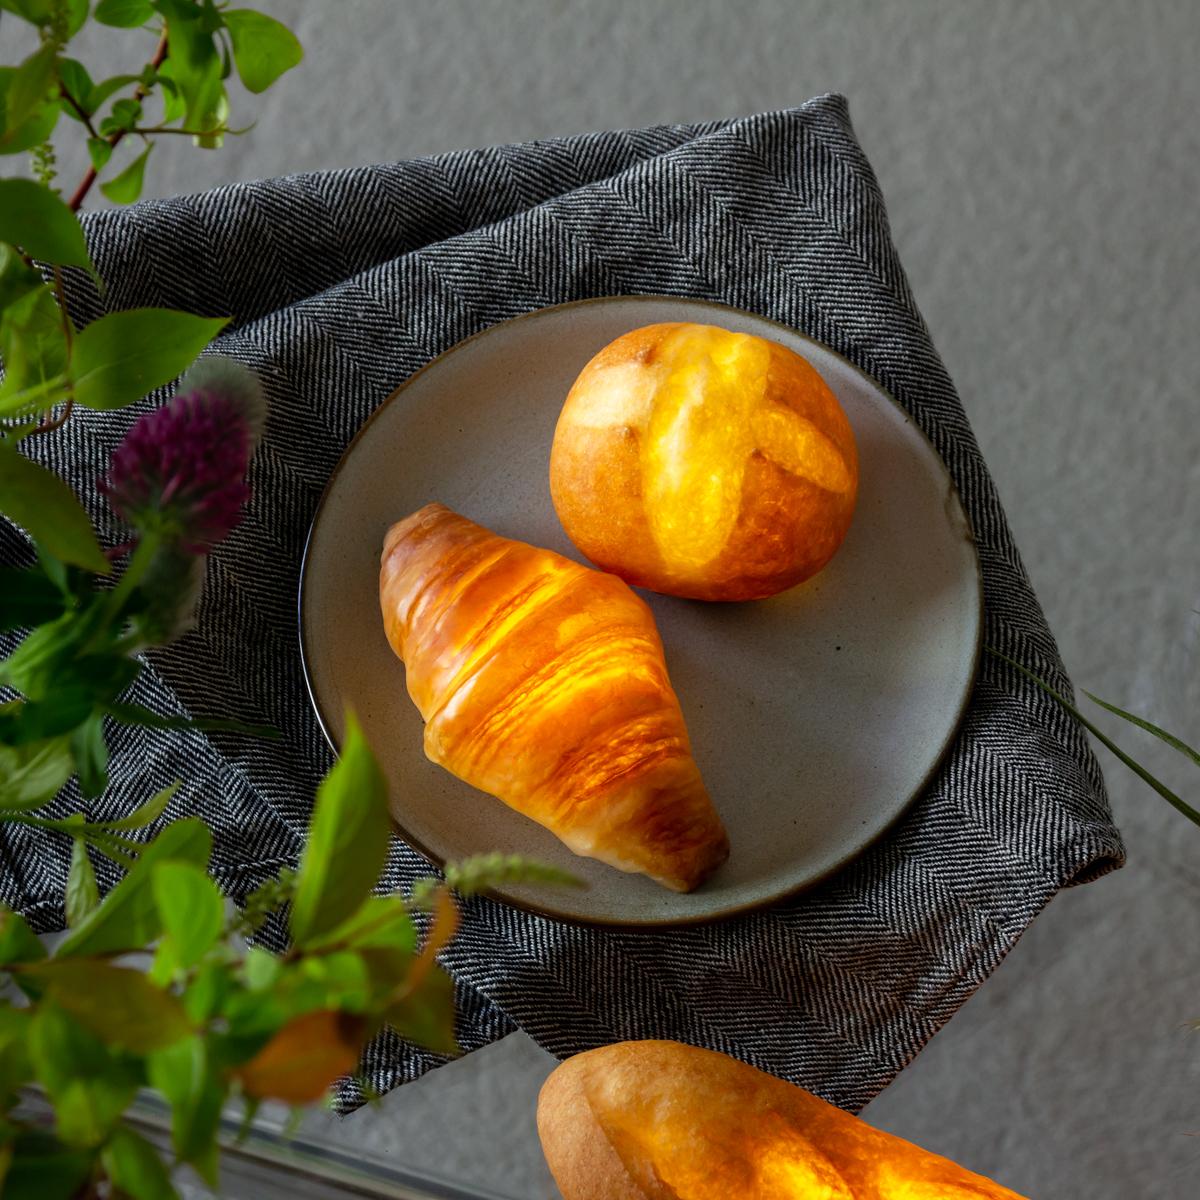 美味しいパンをしあわせな灯りに。本物のパンを独自の技法でインテリアライトに仕立てた「ライト・ランプ・間接照明」|モリタ製パン所「パンプシェード」